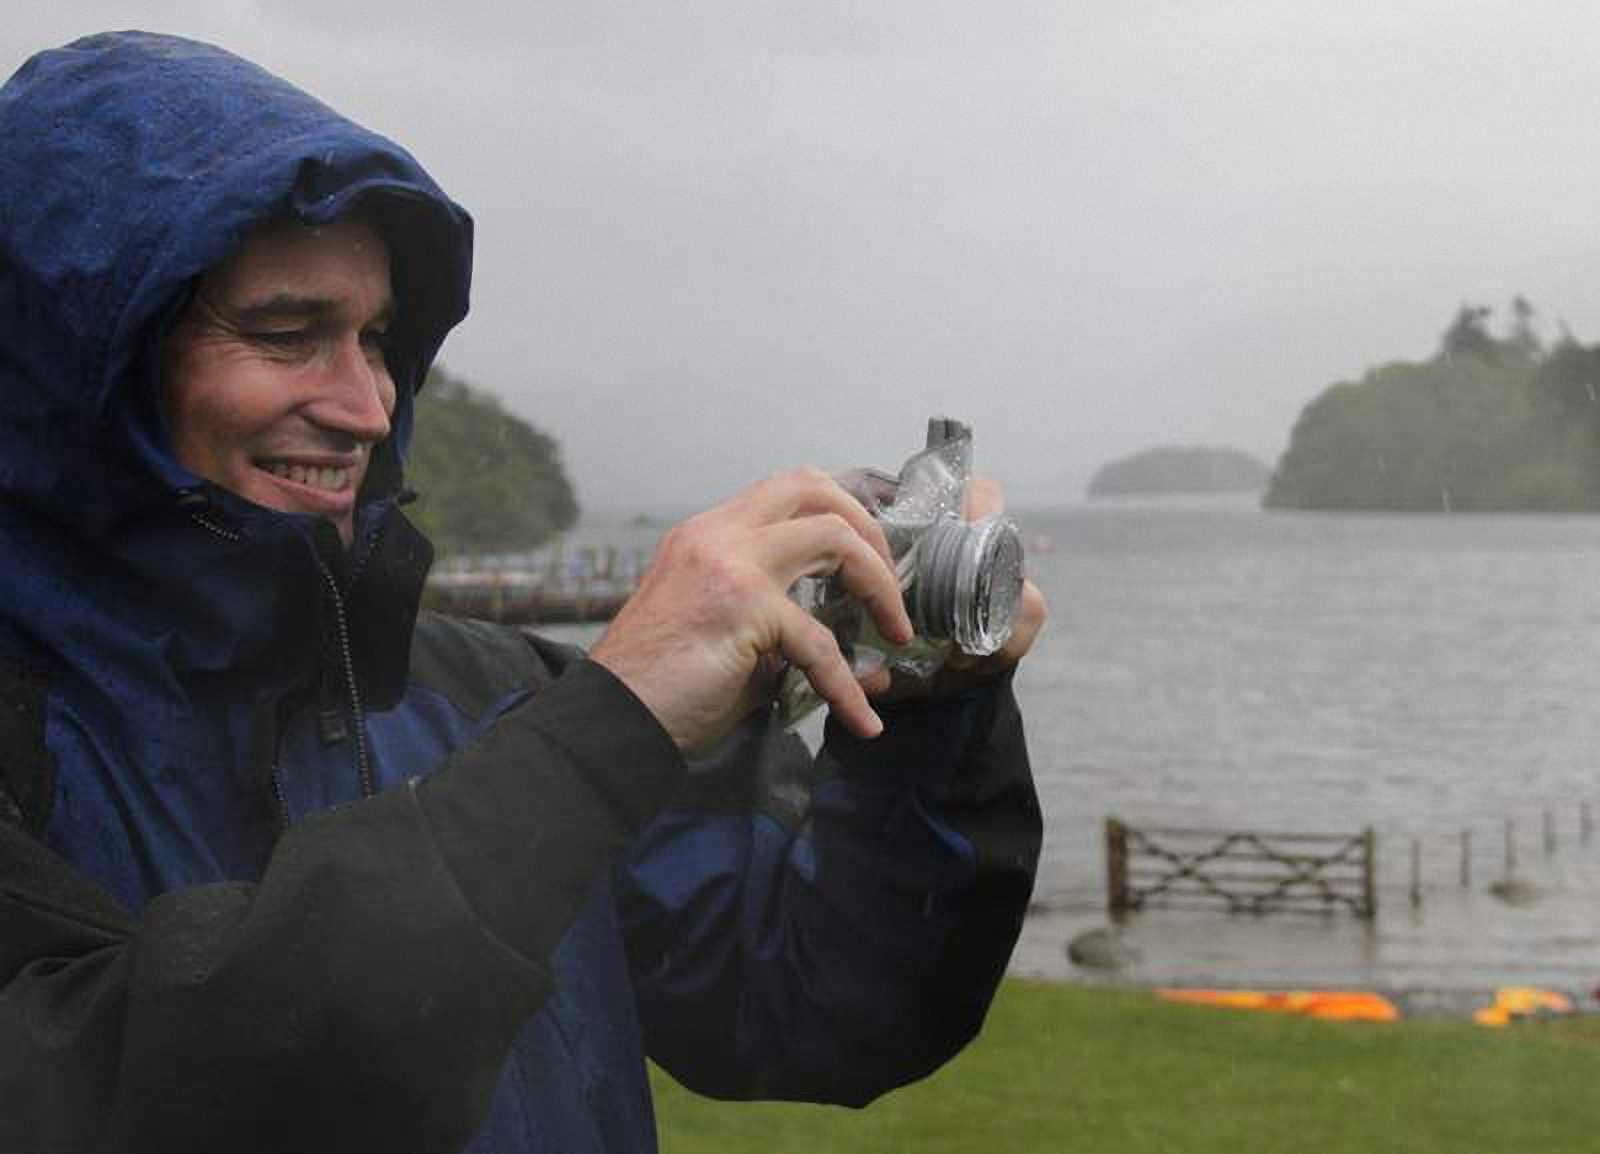 Водонепроницаемый чехол для фотоаппарата - Aquapac 428. Aquapac - №1 в мире водонепроницаемых чехлов и сумок. Фото 3